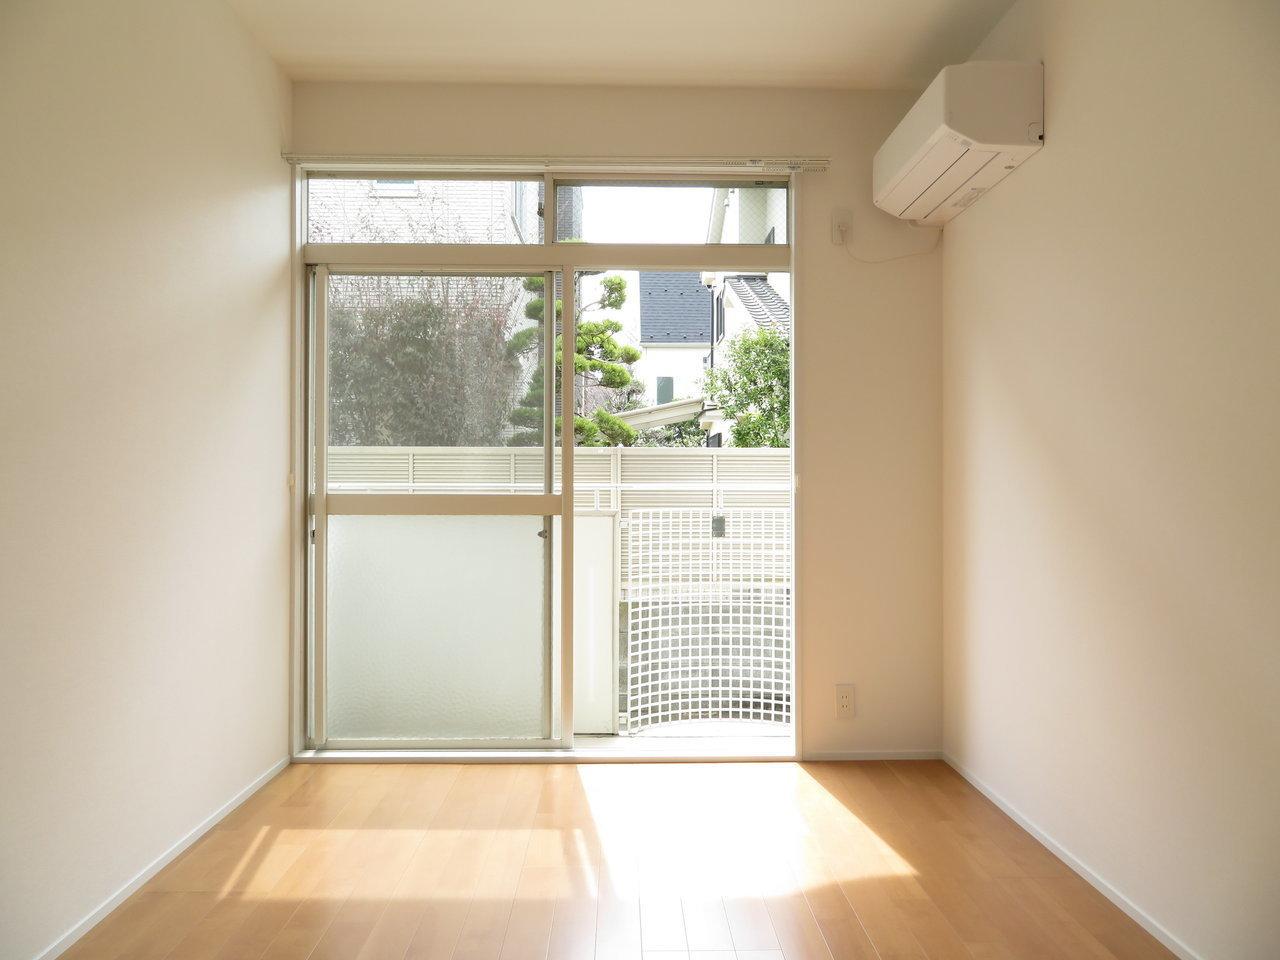 リビング横の、引き戸で繋がったお部屋は8畳あります。太陽光が降り注ぐ中、二人が気持ちよく働ける、こだわりのワークスペースを作りましょう。